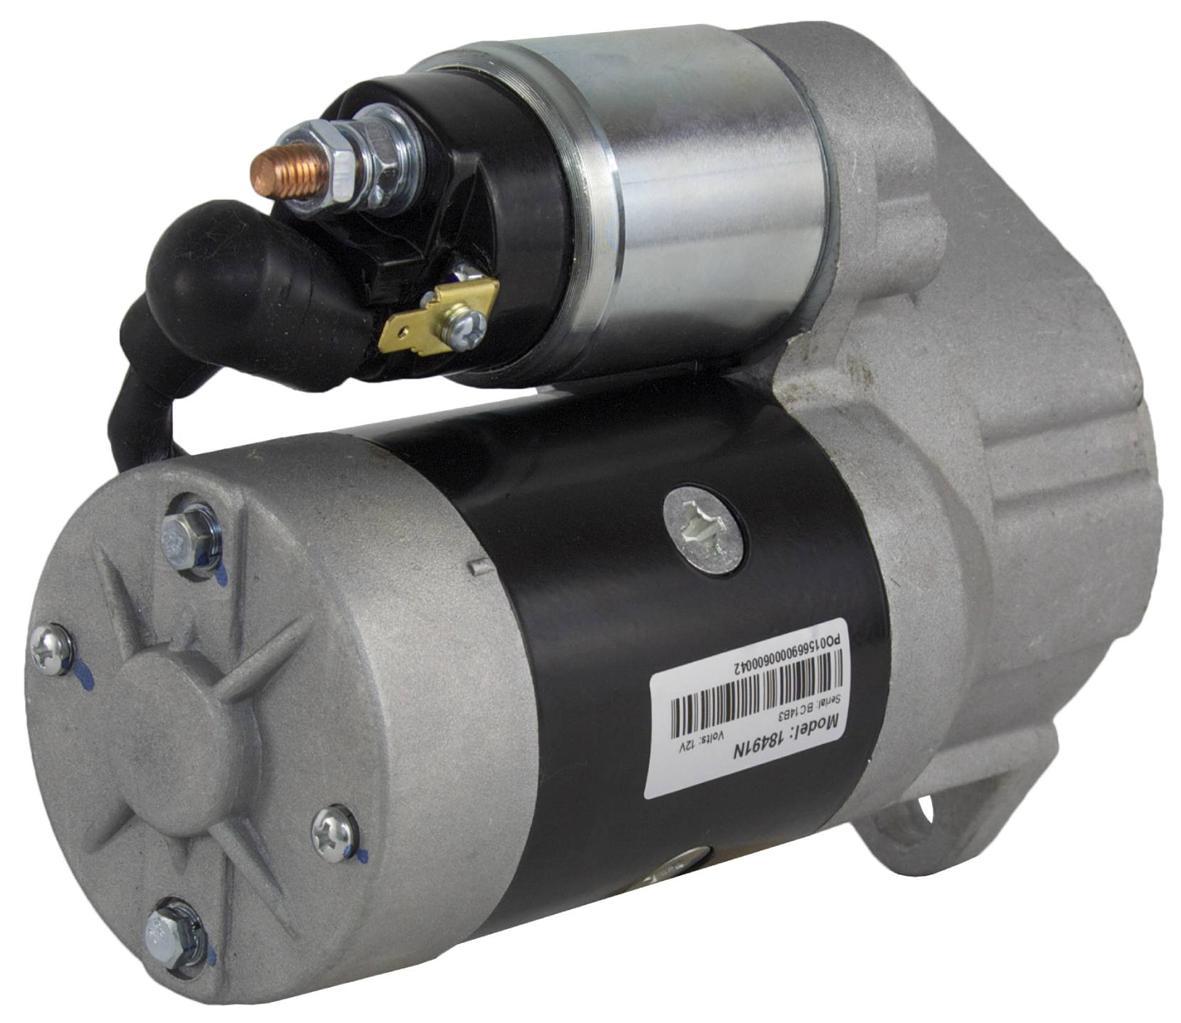 New starter fits 4tnv98 4tnv98t yanmar s13 204 129900 for Ingersoll rand air compressor motor starter